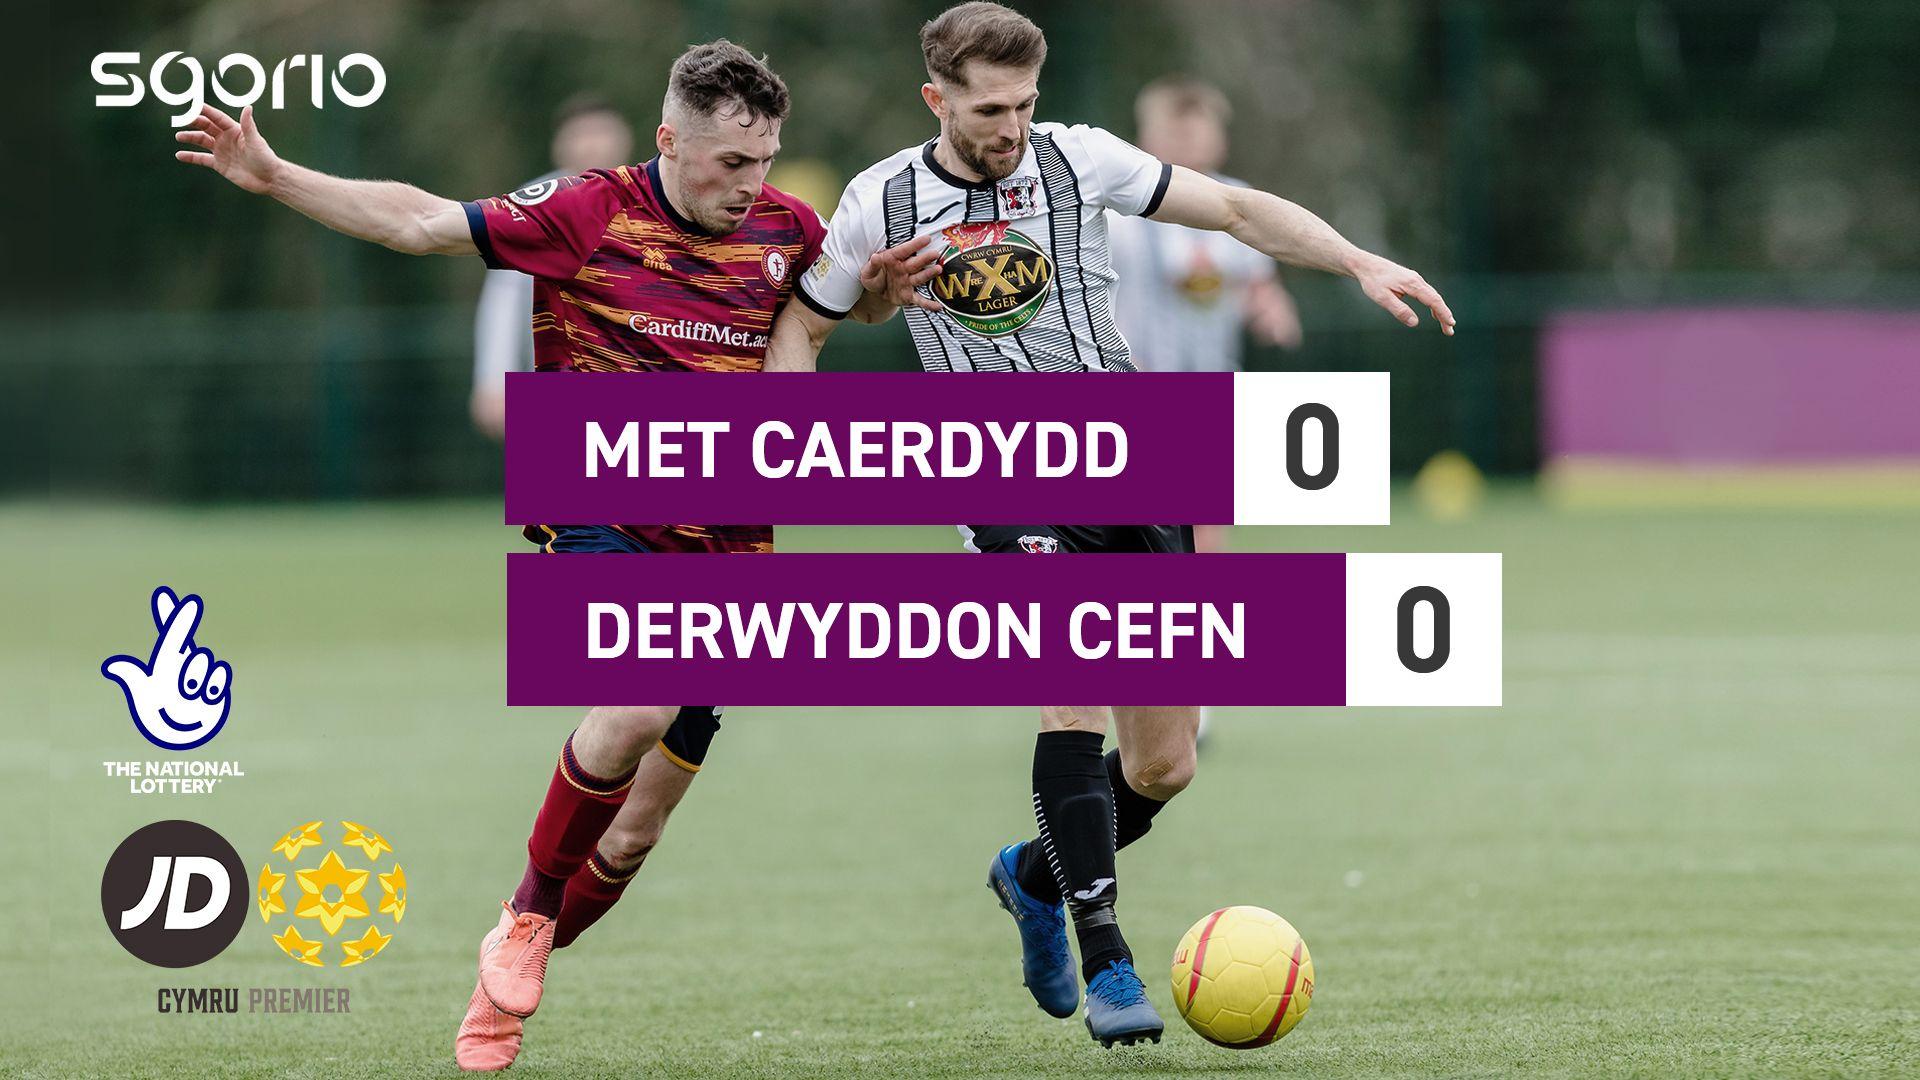 Met Caerdydd 0-0 Derwyddon Cefn